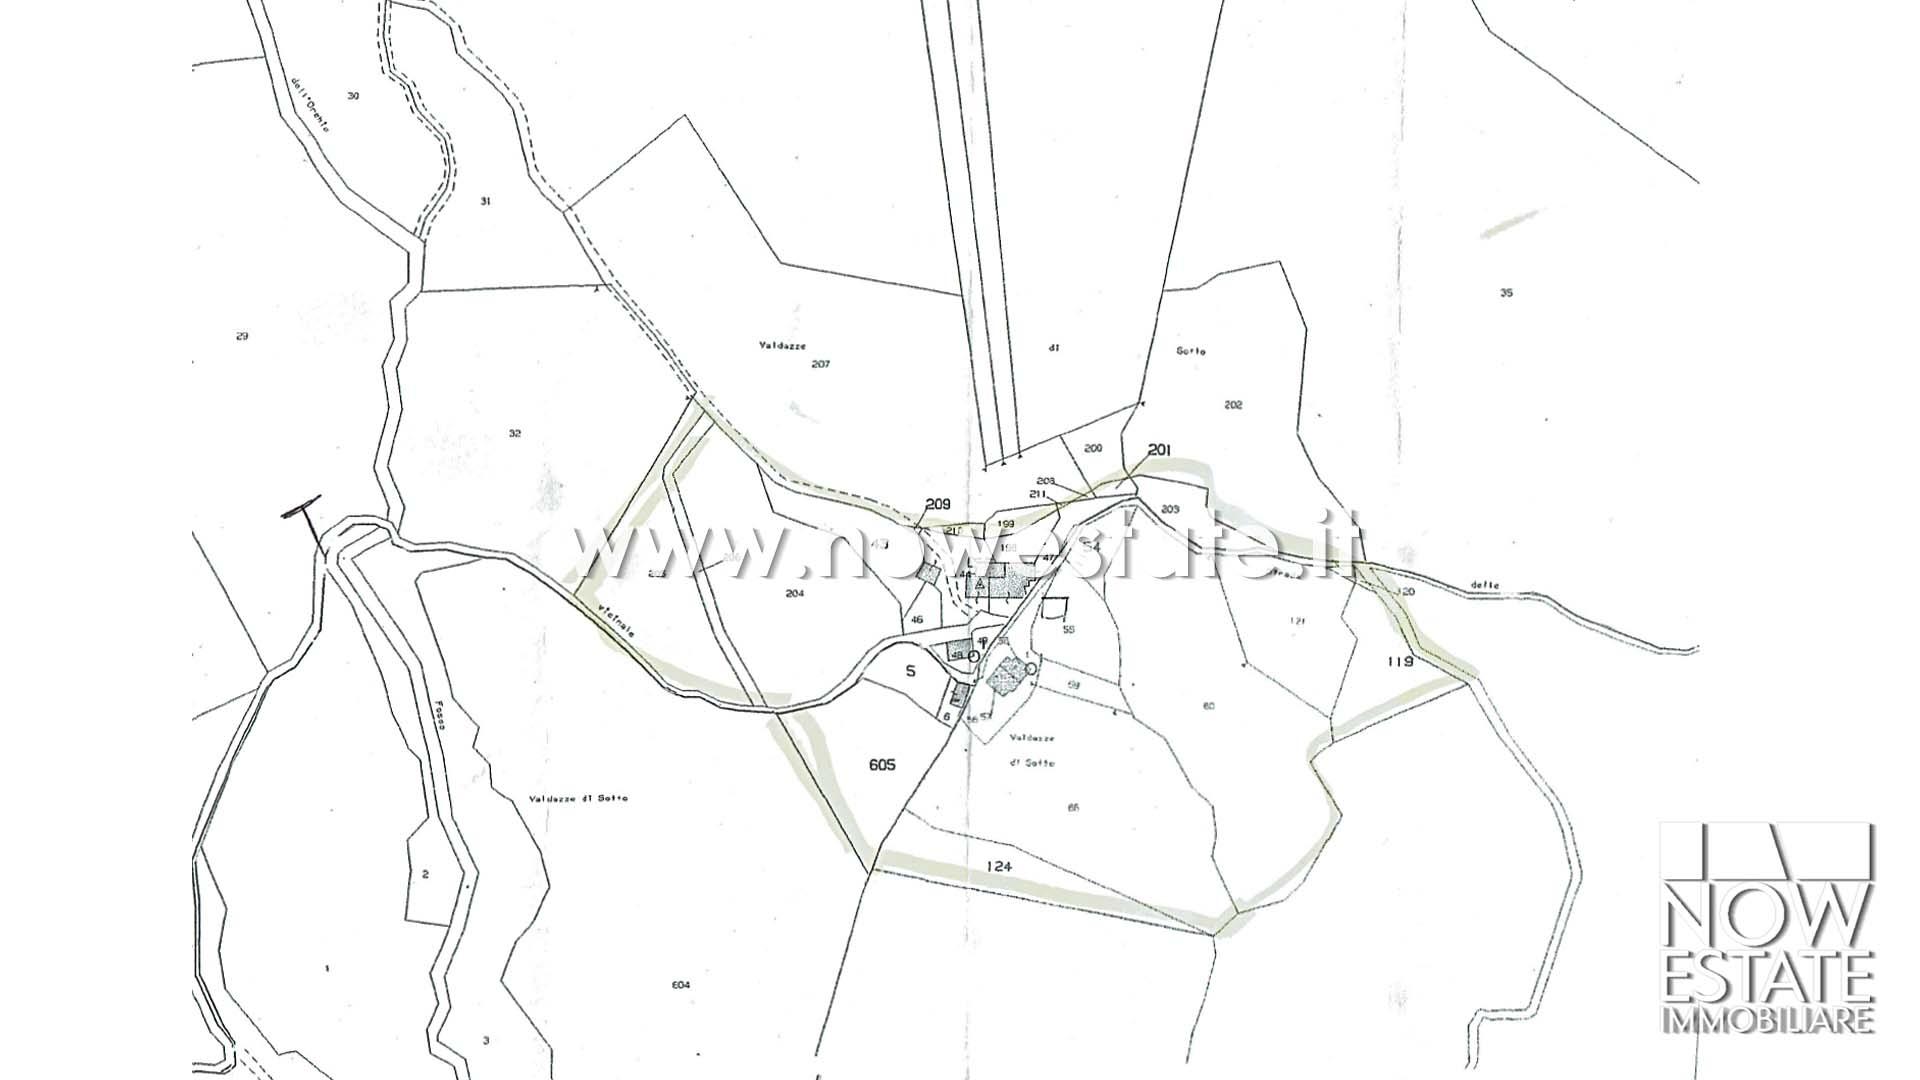 Planimetria territoriale